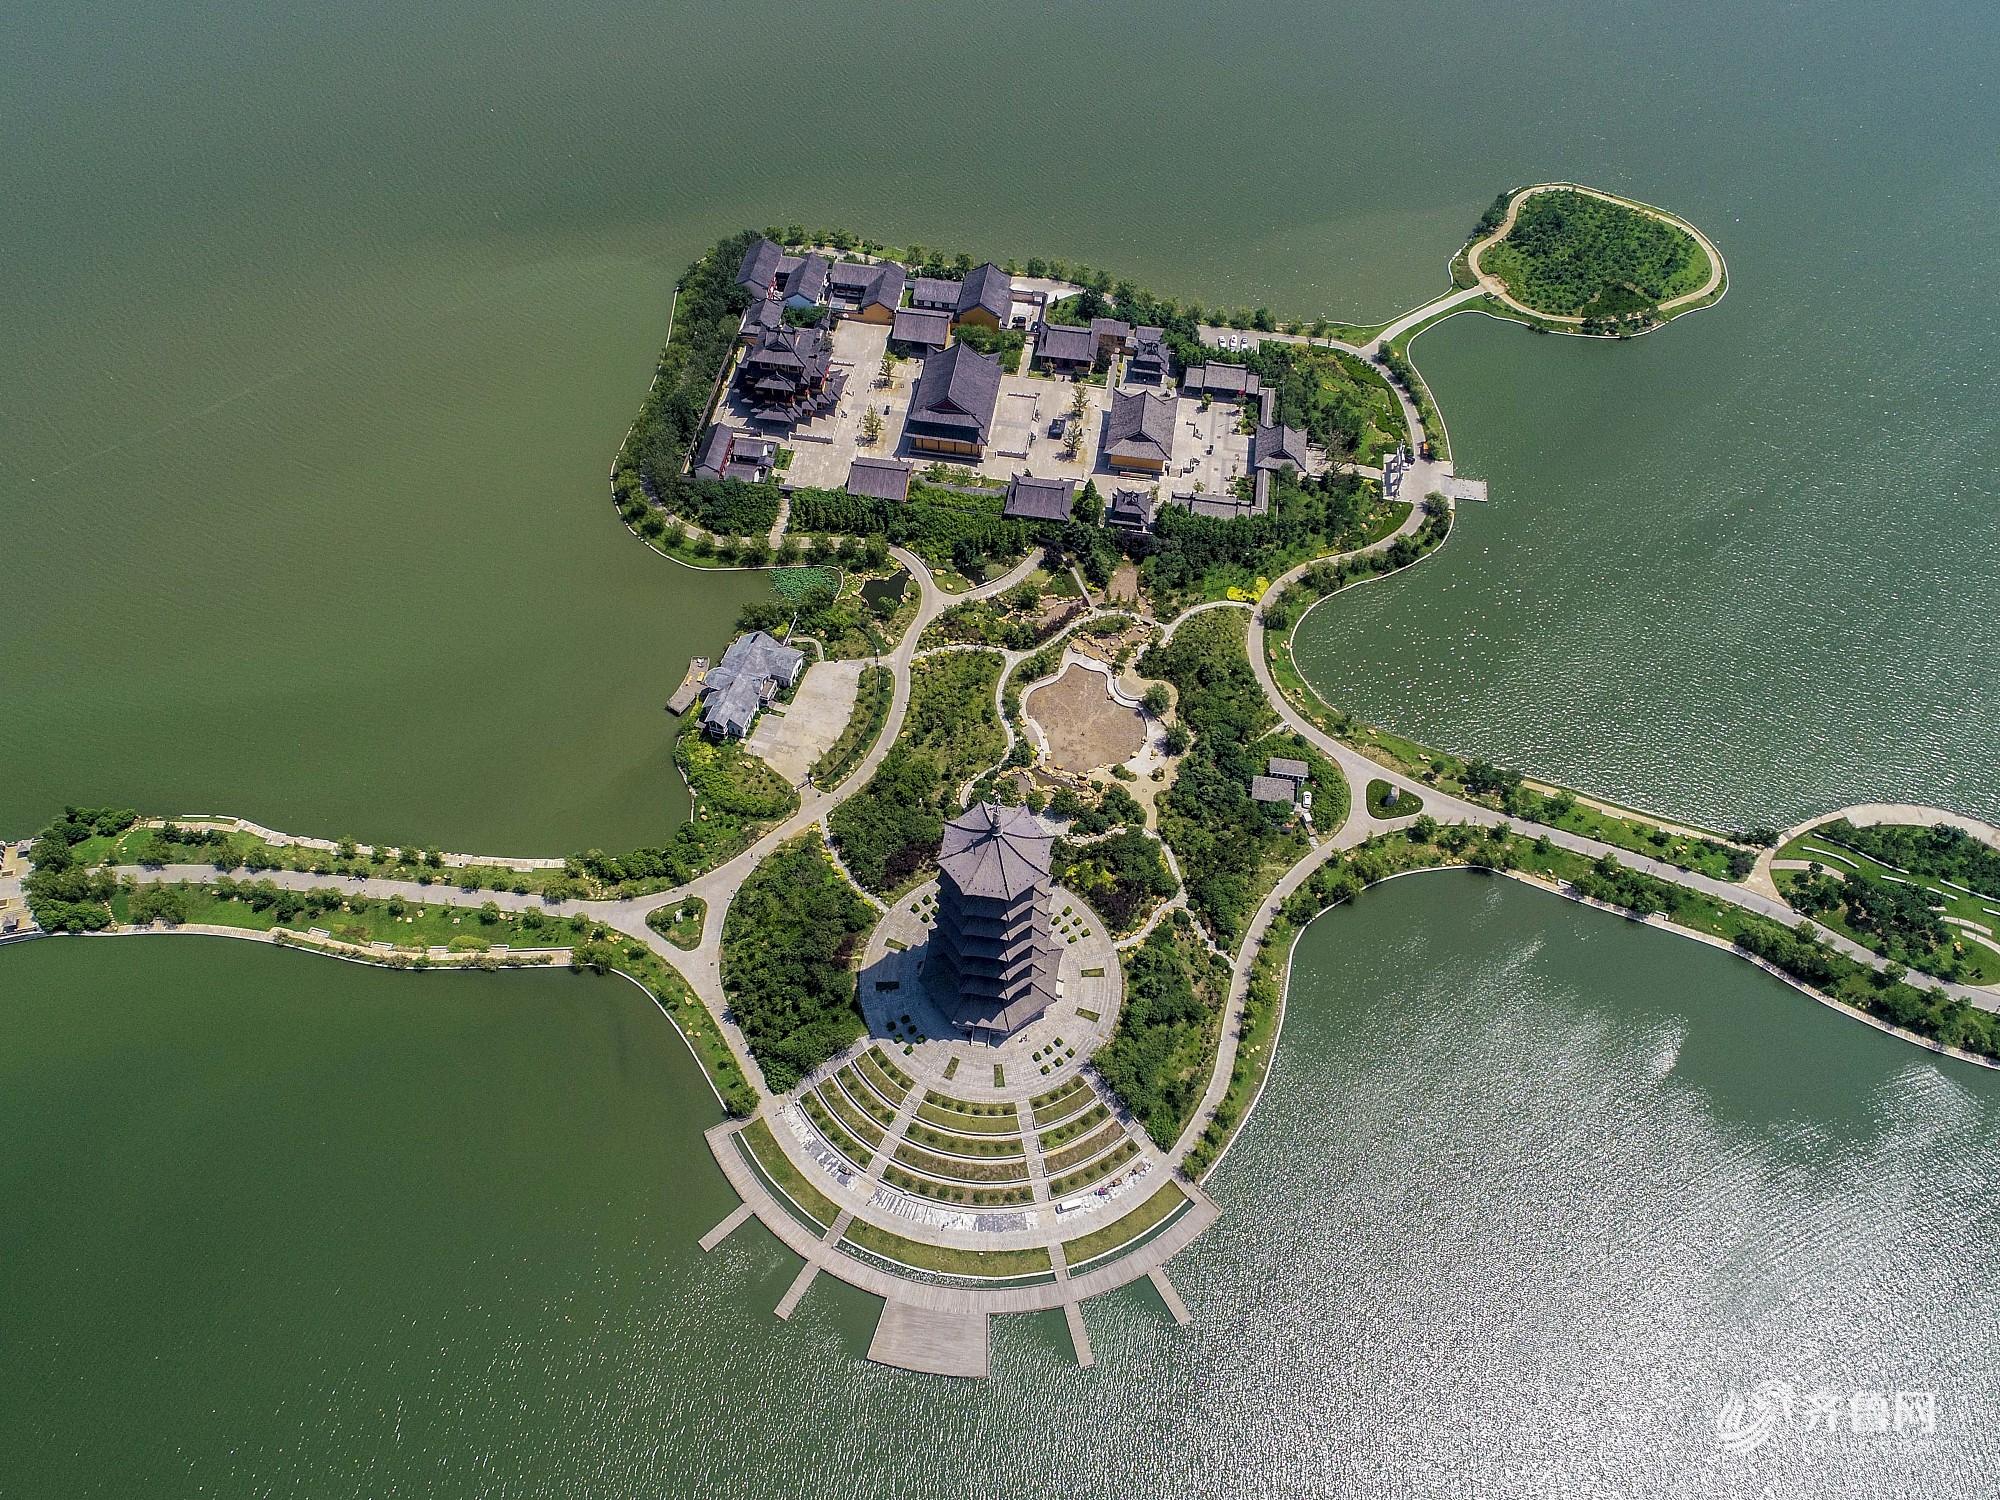 青岛:航拍胶州少海风景区 水光潋滟美如诗画